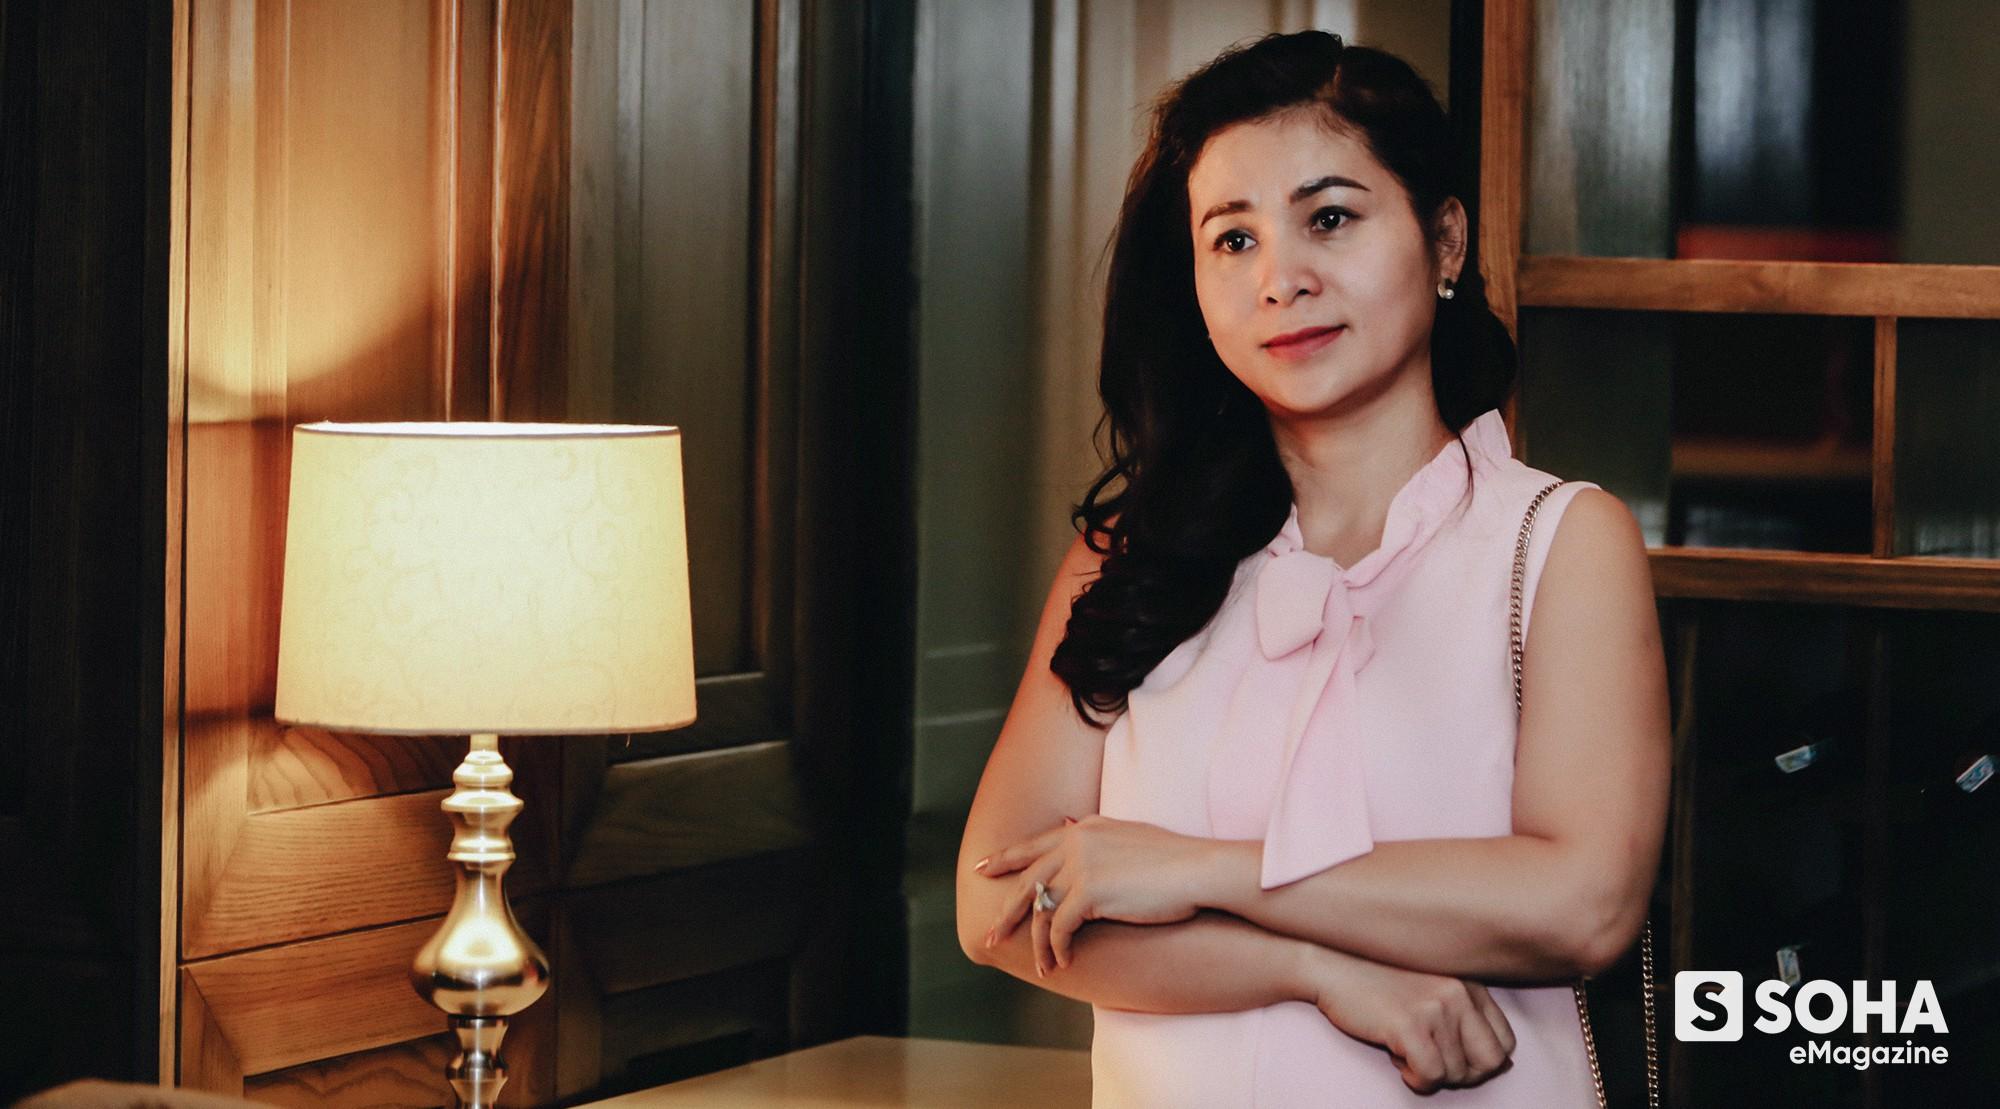 """Vợ vua cà phê Đặng Lê Nguyên Vũ: """"Tôi và các con sẽ luôn chờ anh ấy quay về, kể cả khi tay trắng…"""" - Ảnh 10."""